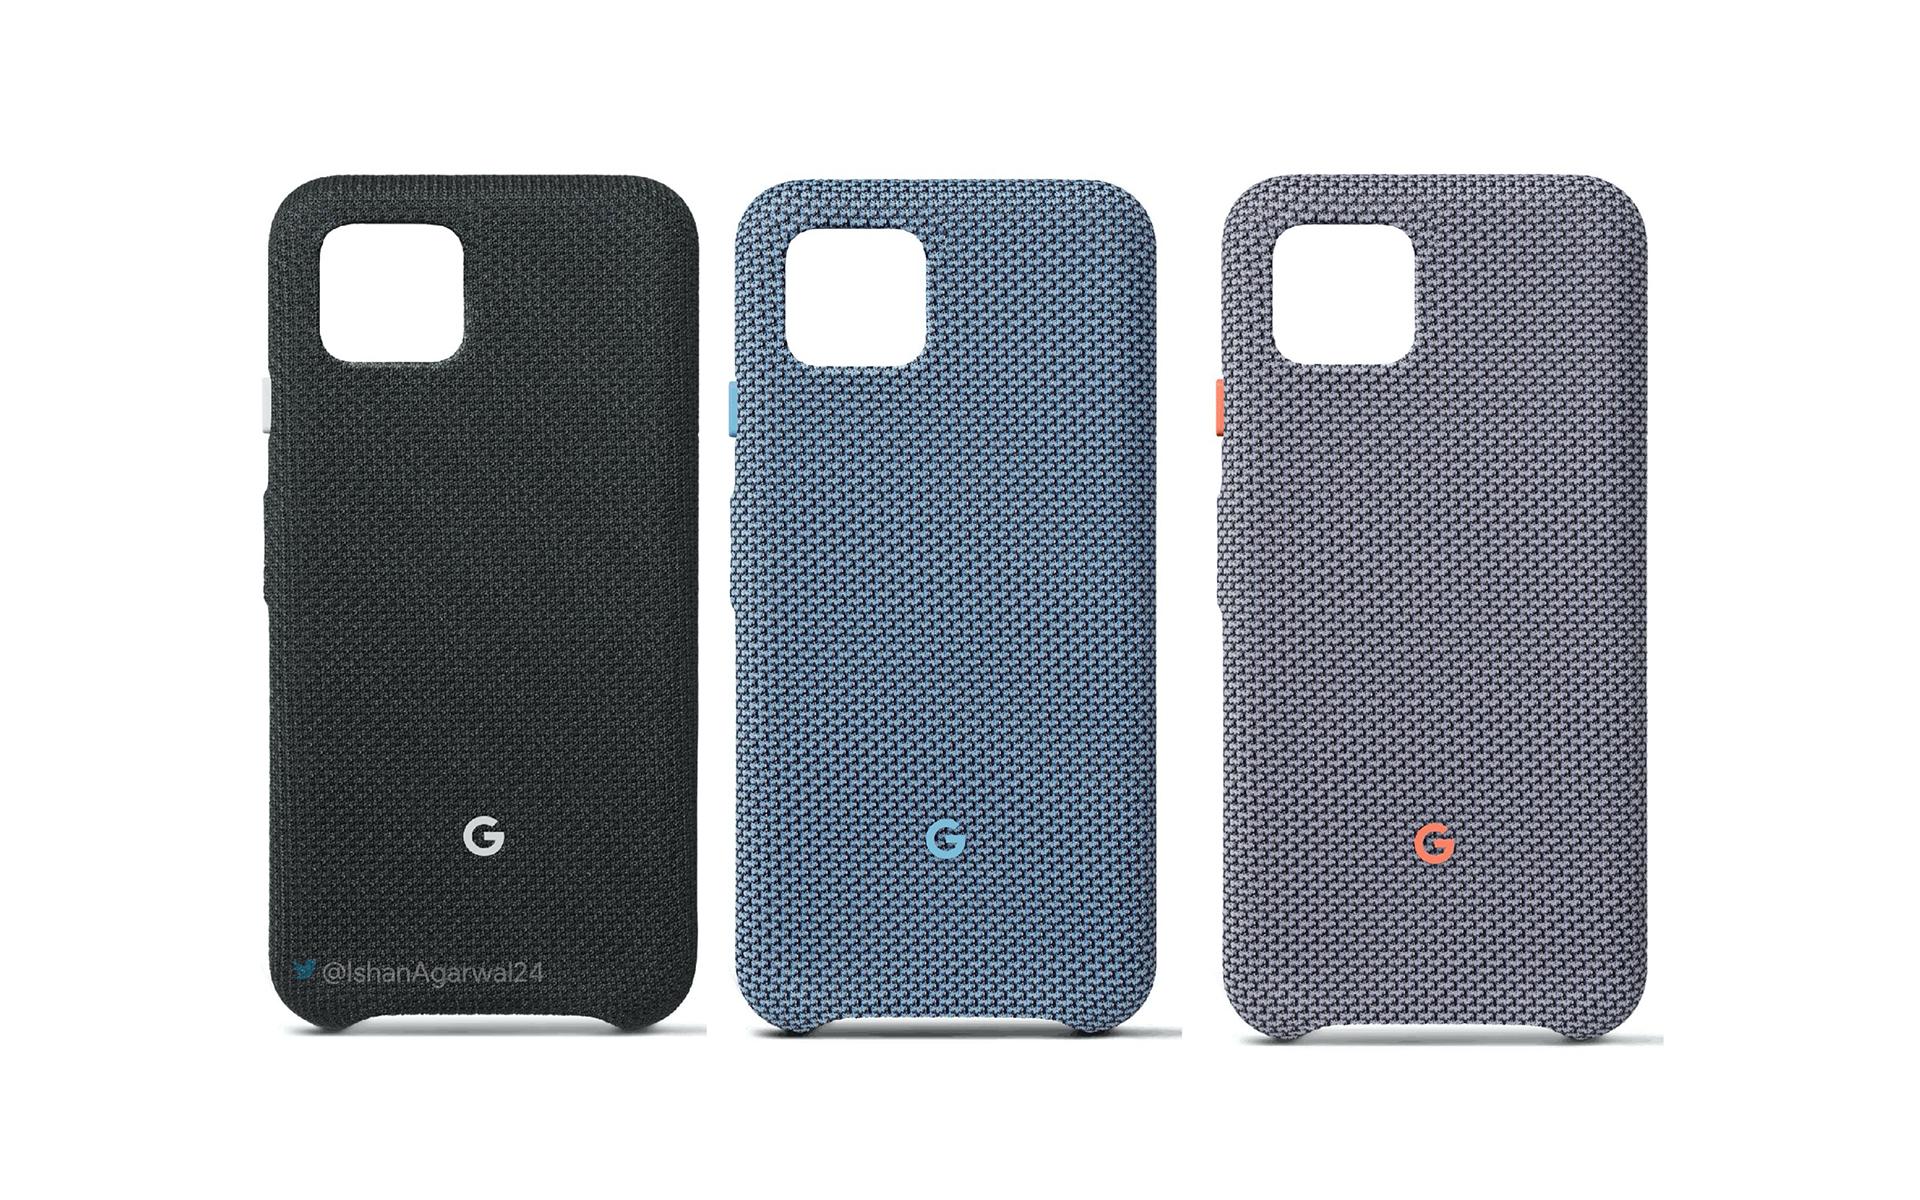 Anche i Google Pixel 4 avranno custodie in tessuto: eccole q